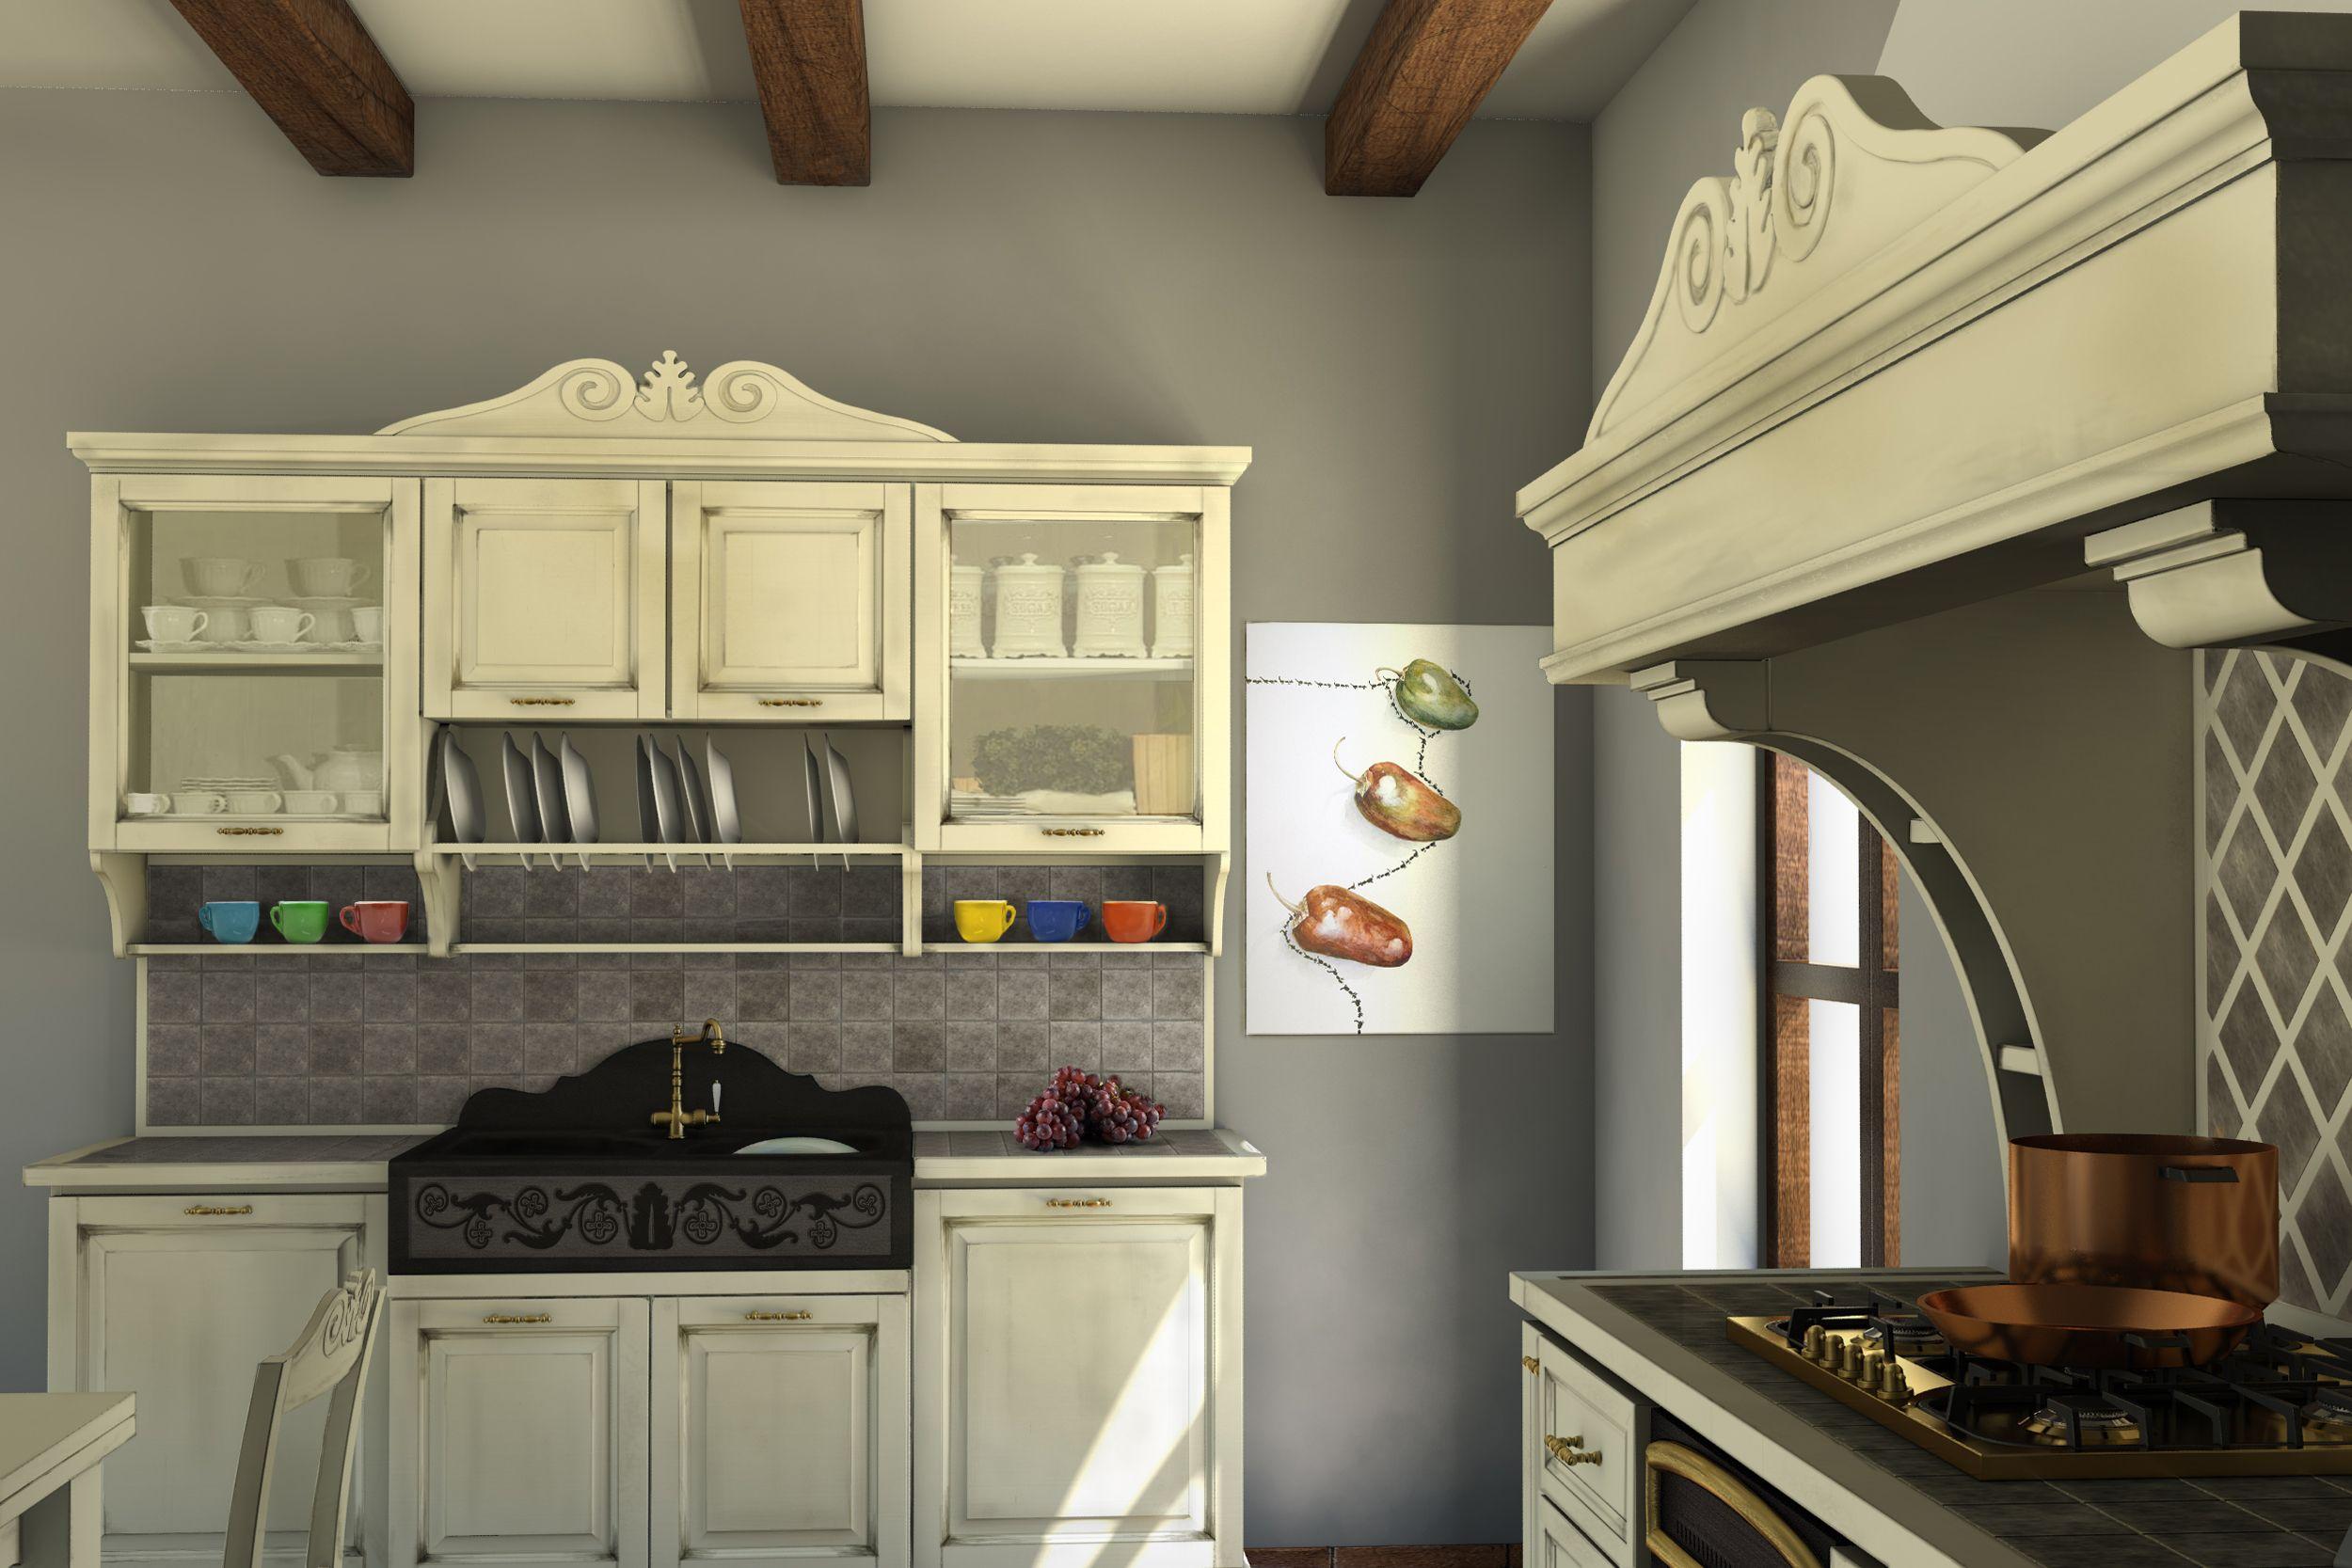 Blocco lavello e blocco cucina. artigianato legno